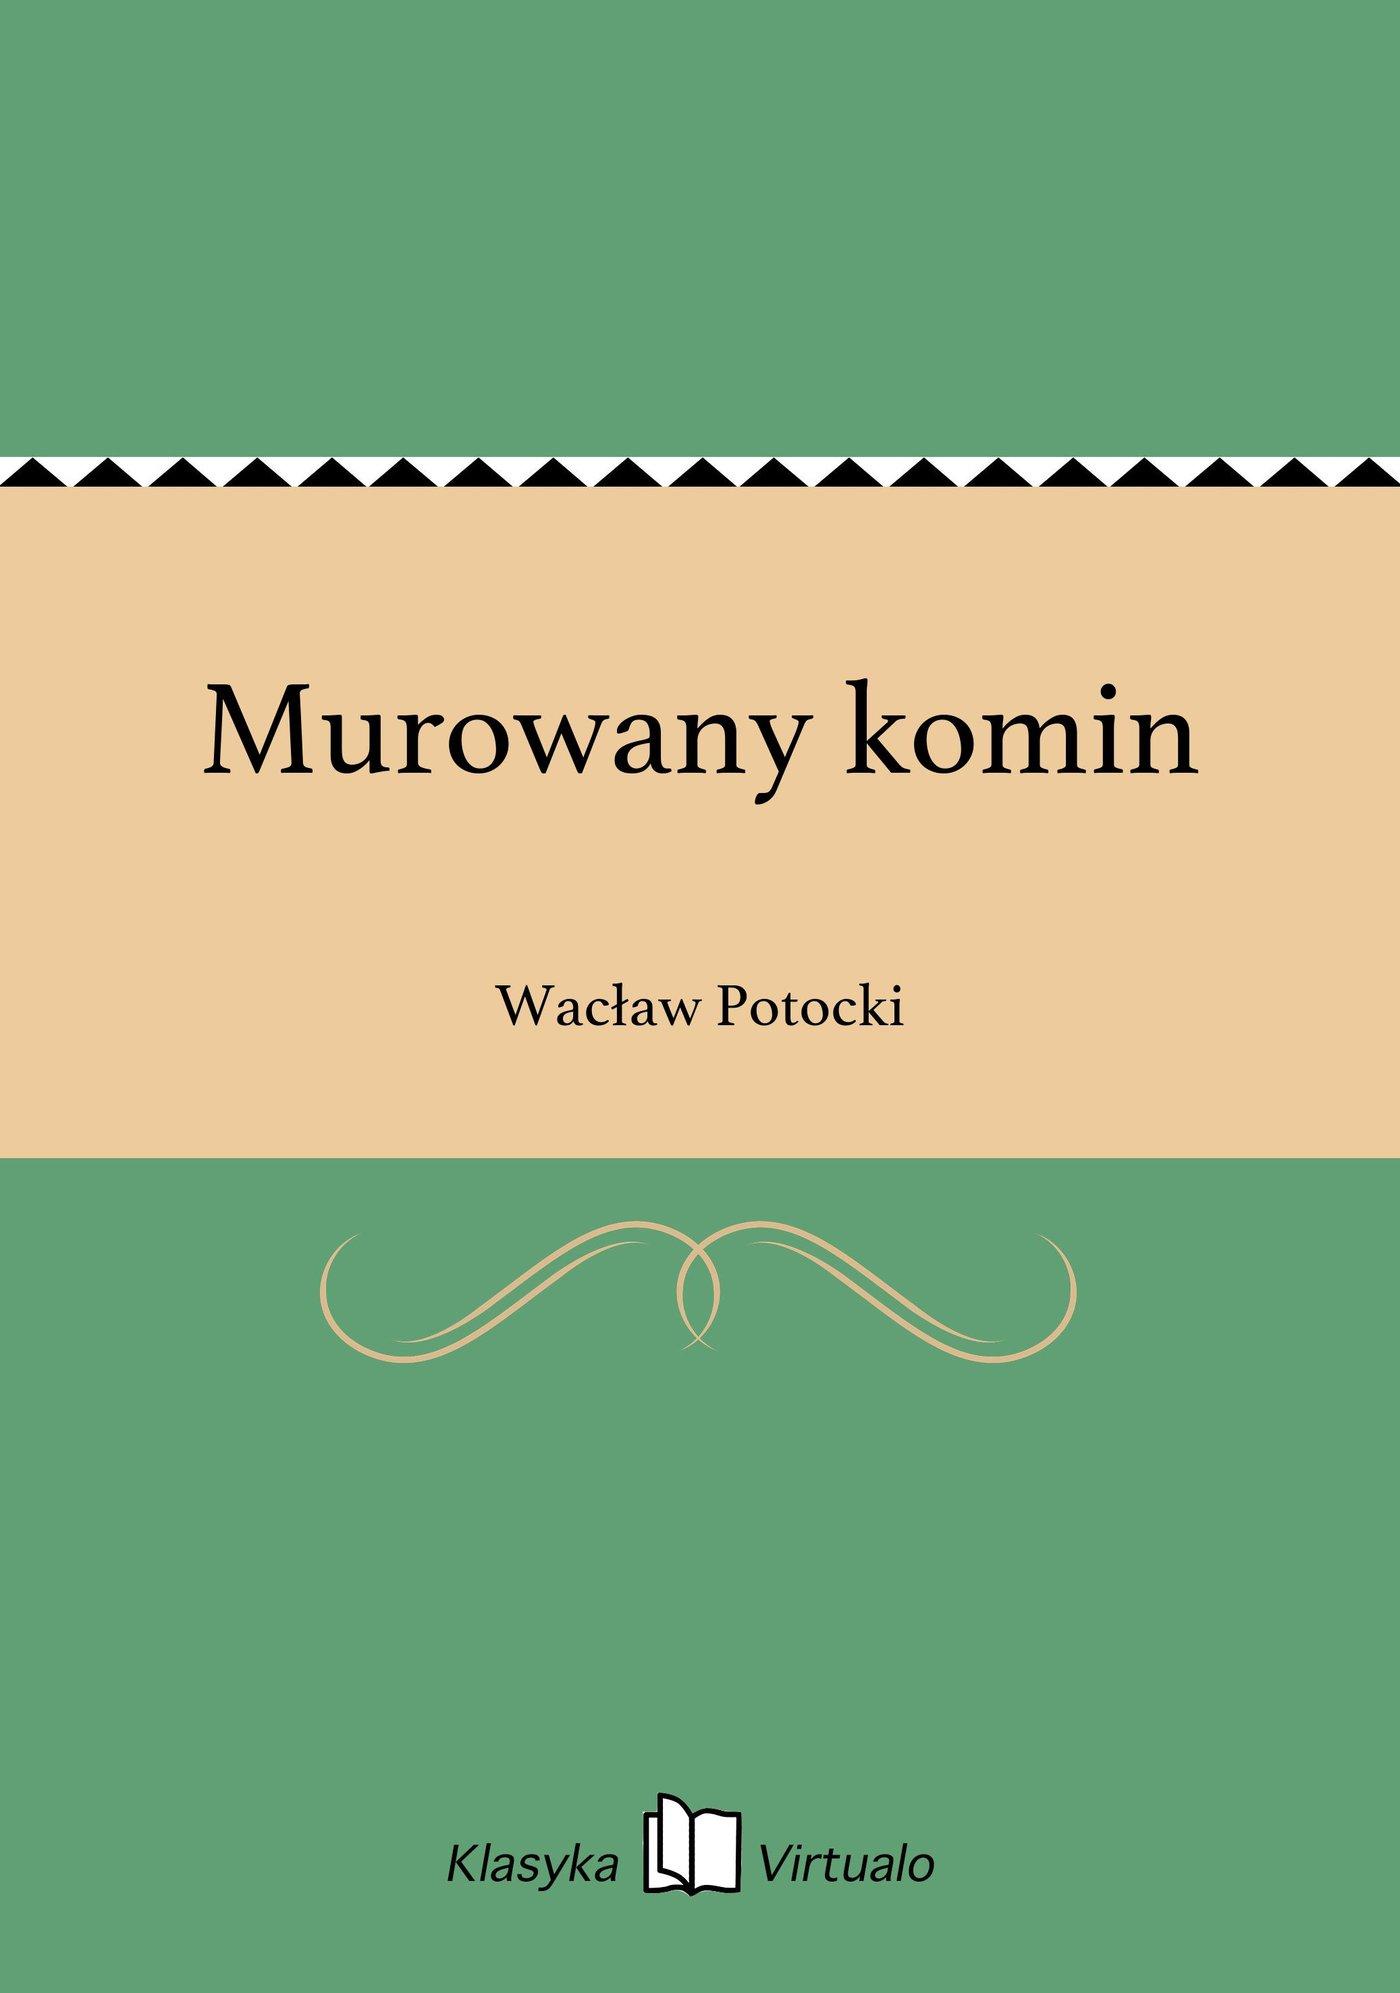 Murowany komin - Ebook (Książka EPUB) do pobrania w formacie EPUB